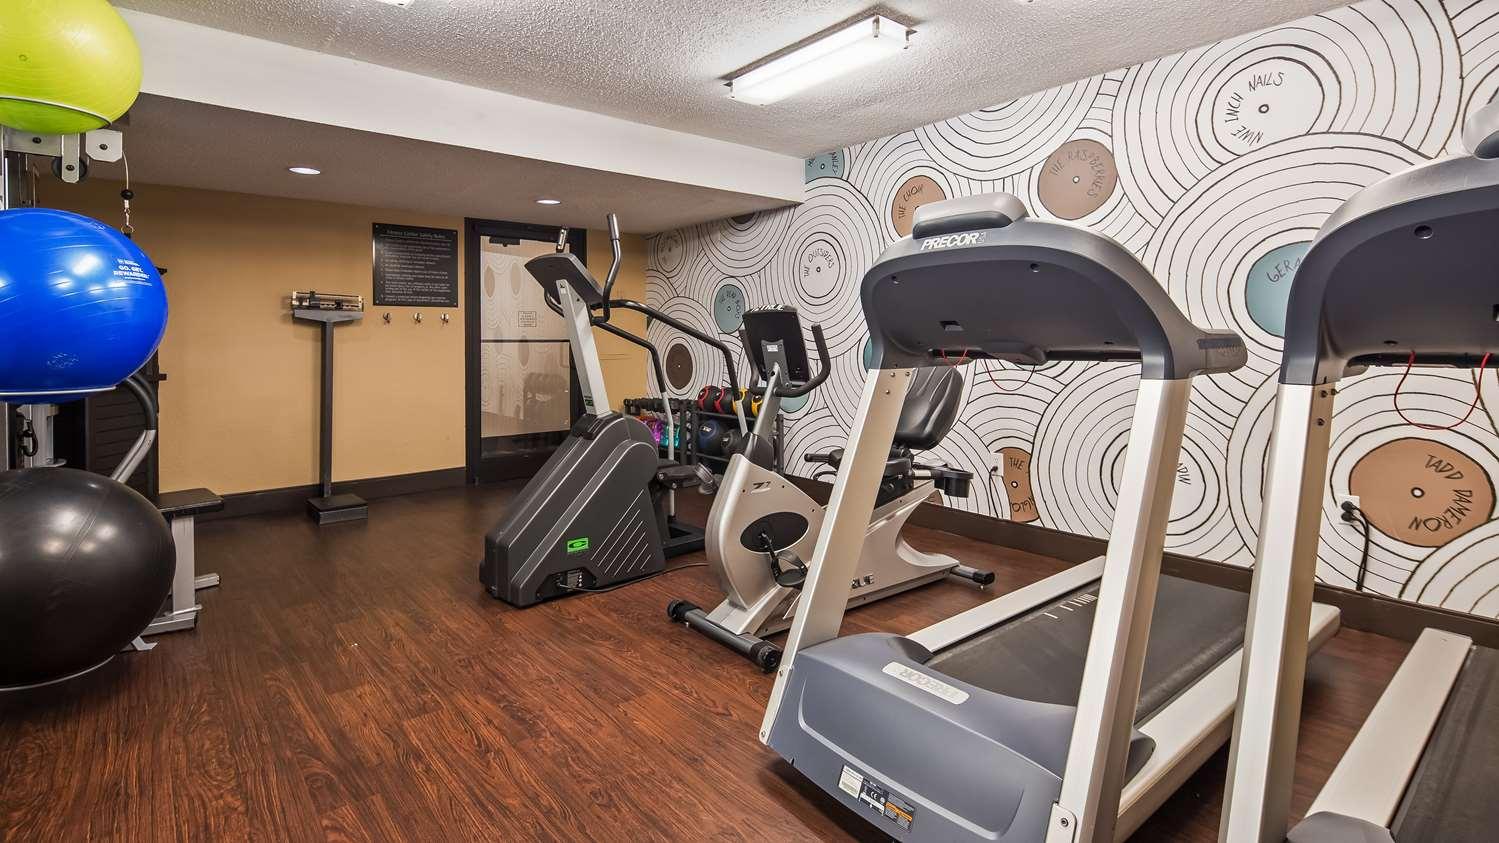 Recreation - Best Western Galleria Inn & Suites Bartlett